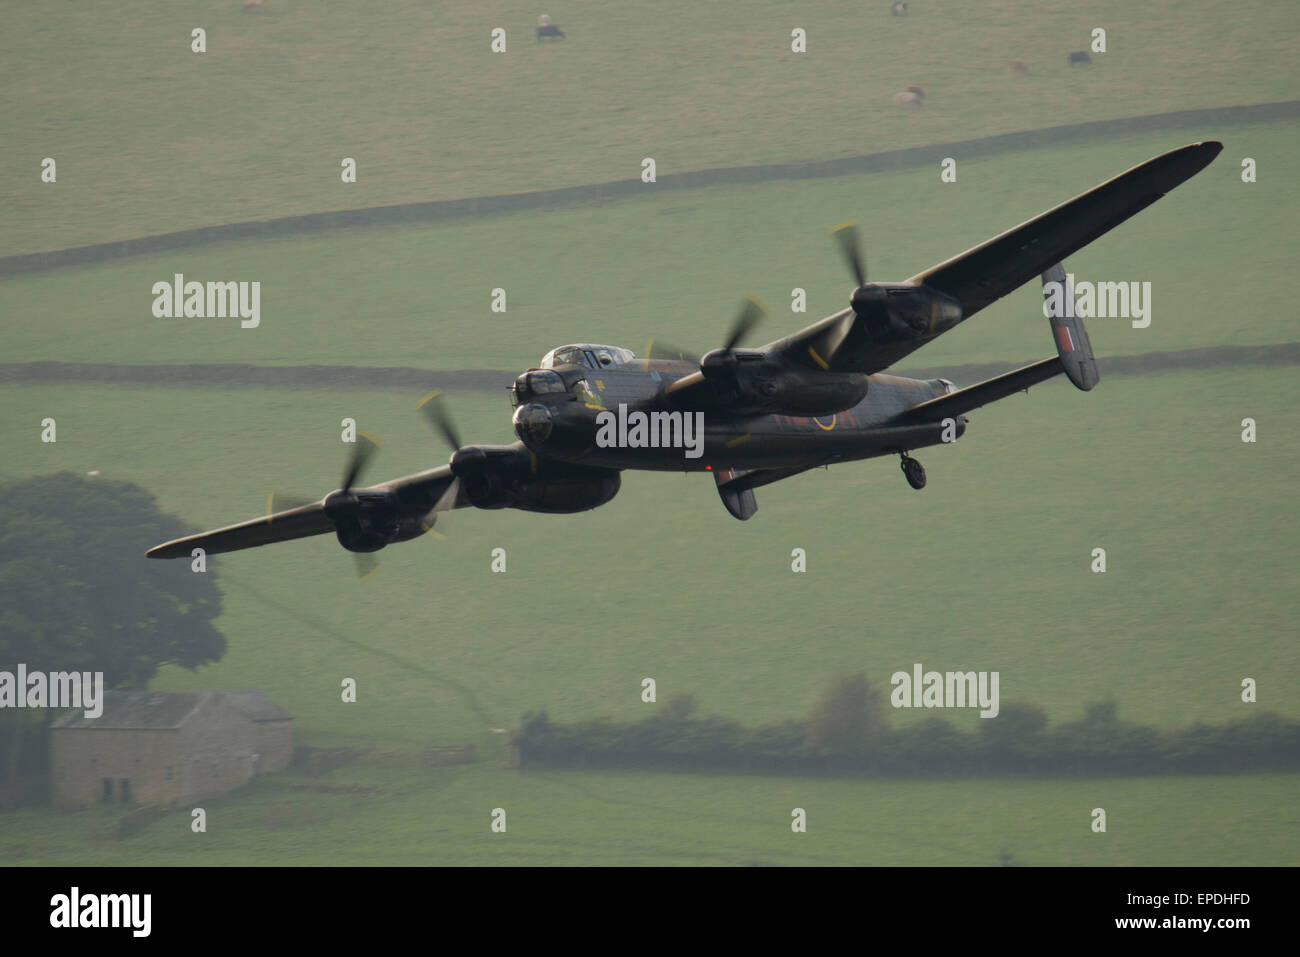 Mostrado aquí es el Avro Lancaster, Bombardero durante una banca Ladybower sobrevolar el embalse en el Valle Derwent. Foto de stock